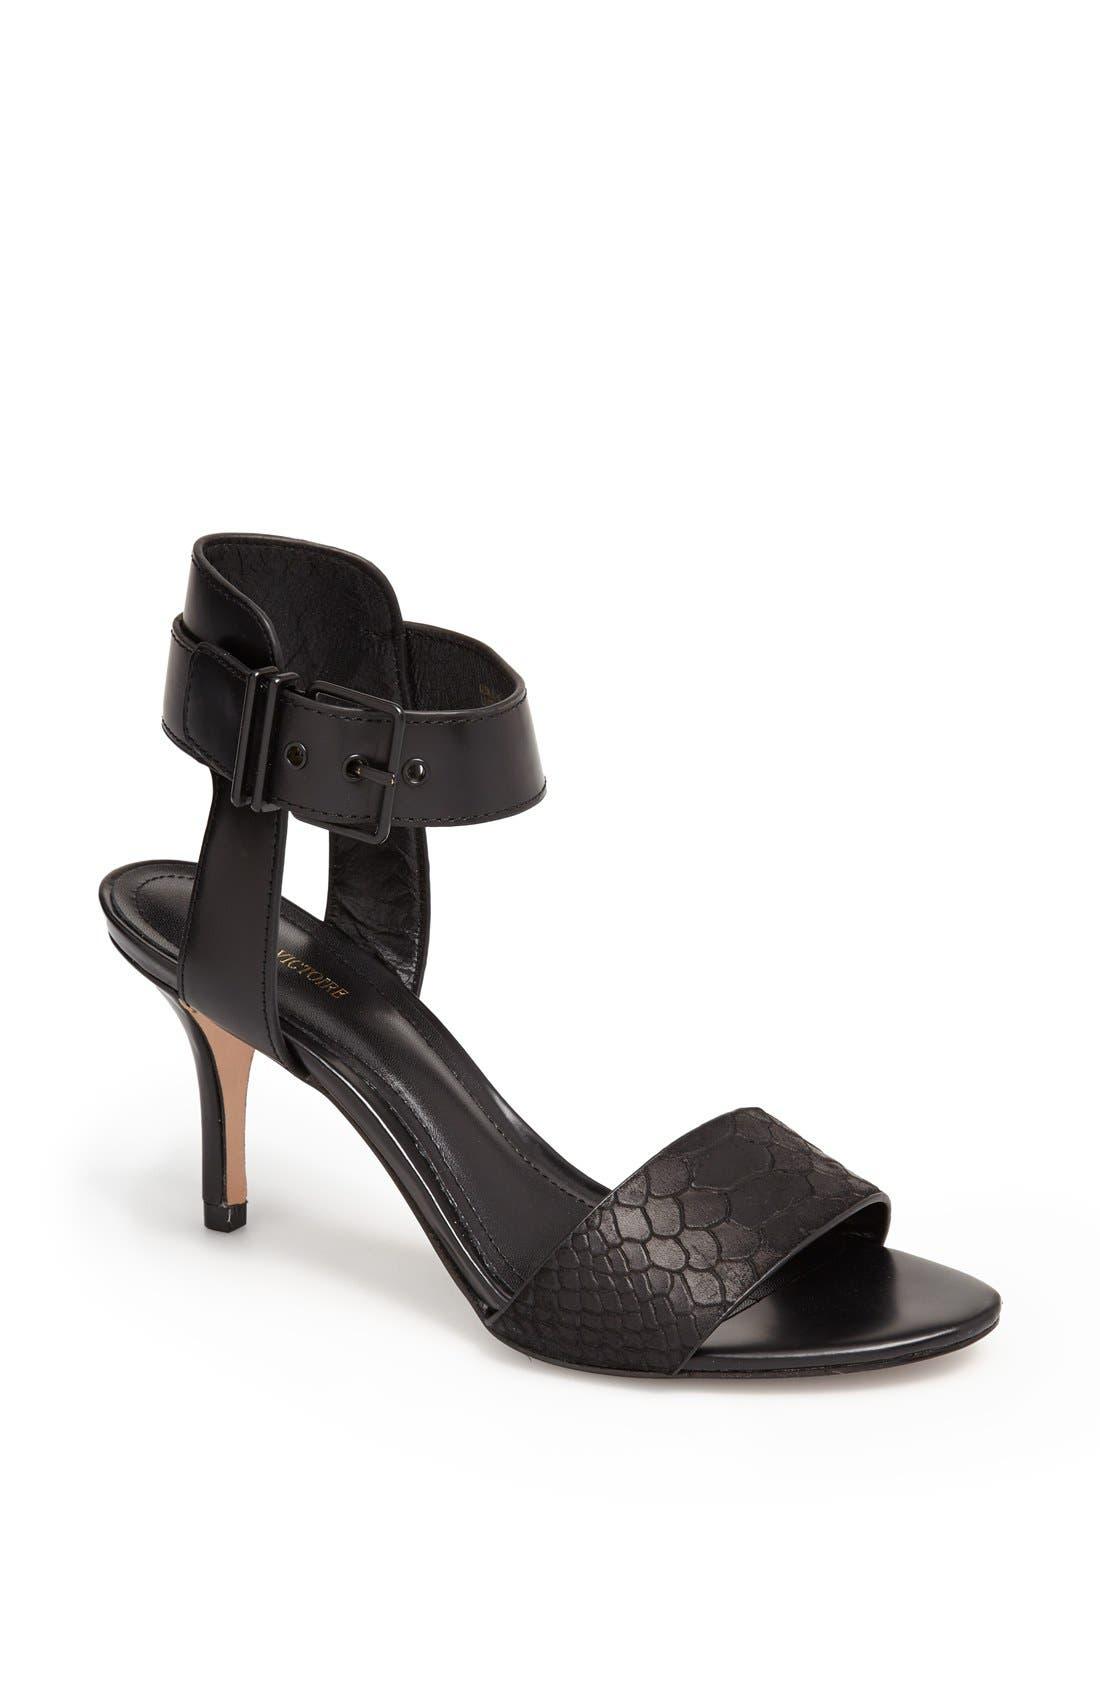 Main Image - Pour la Victoire 'Quin' Sandal